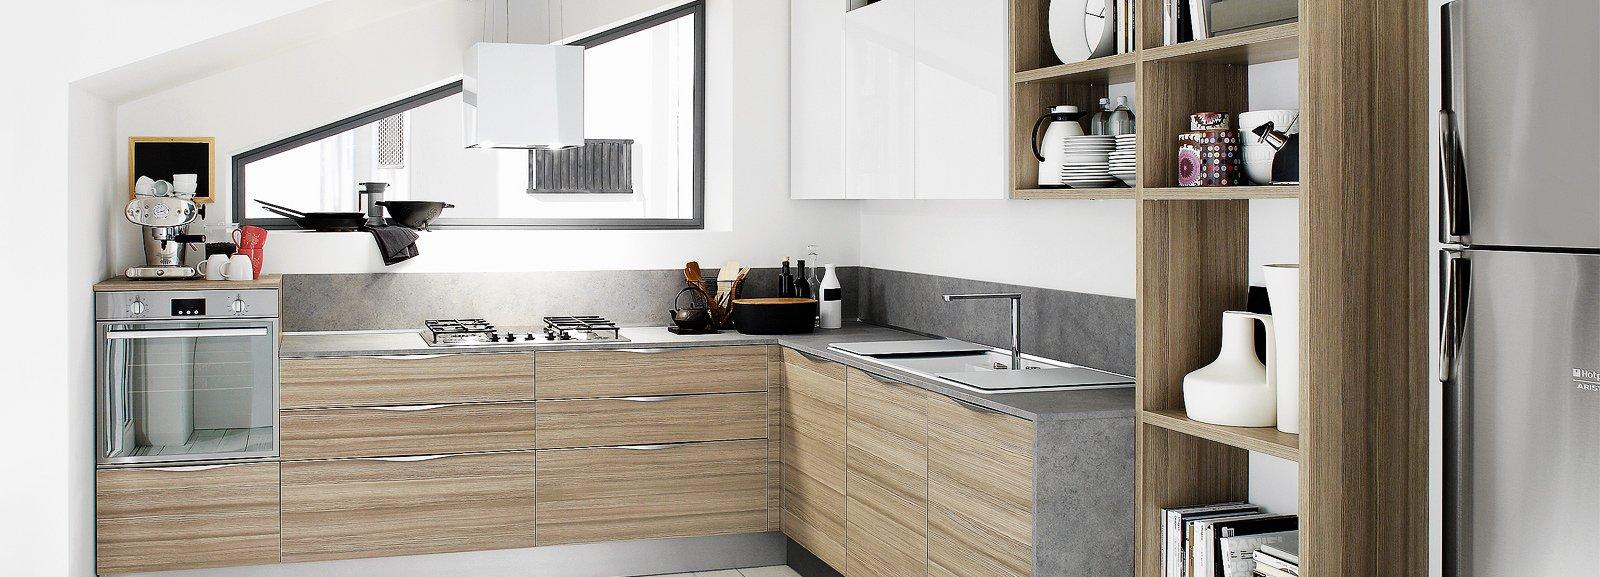 Cucina piccola che tavolo scelgo cose di casa for Piccola cucina grande casa